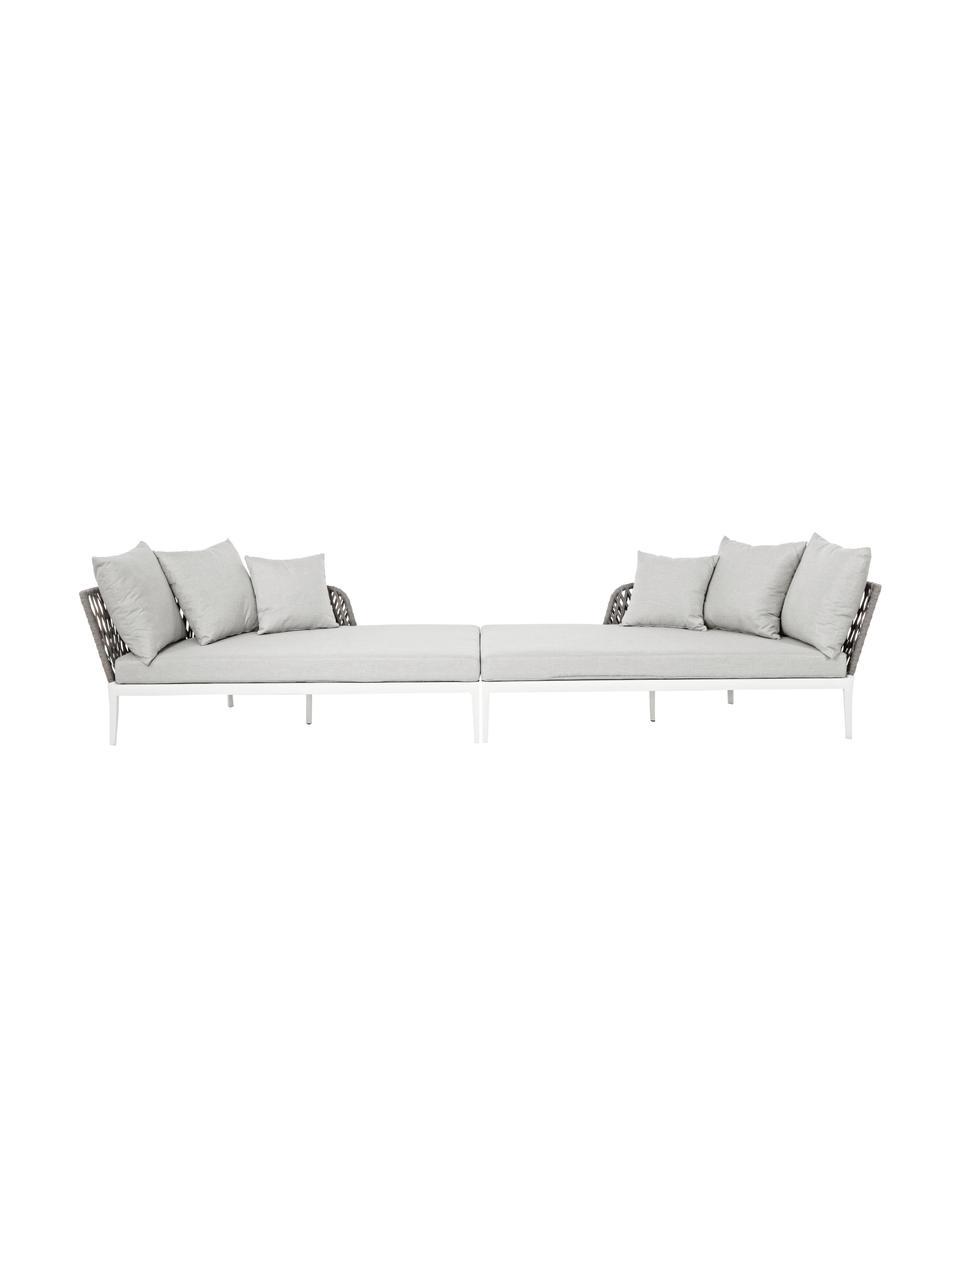 Garten-Daybed-Set Pelican, 2-tlg., Rahmen: Aluminium, pulverbeschich, Weiß, Grau, B 182 x T 179 cm